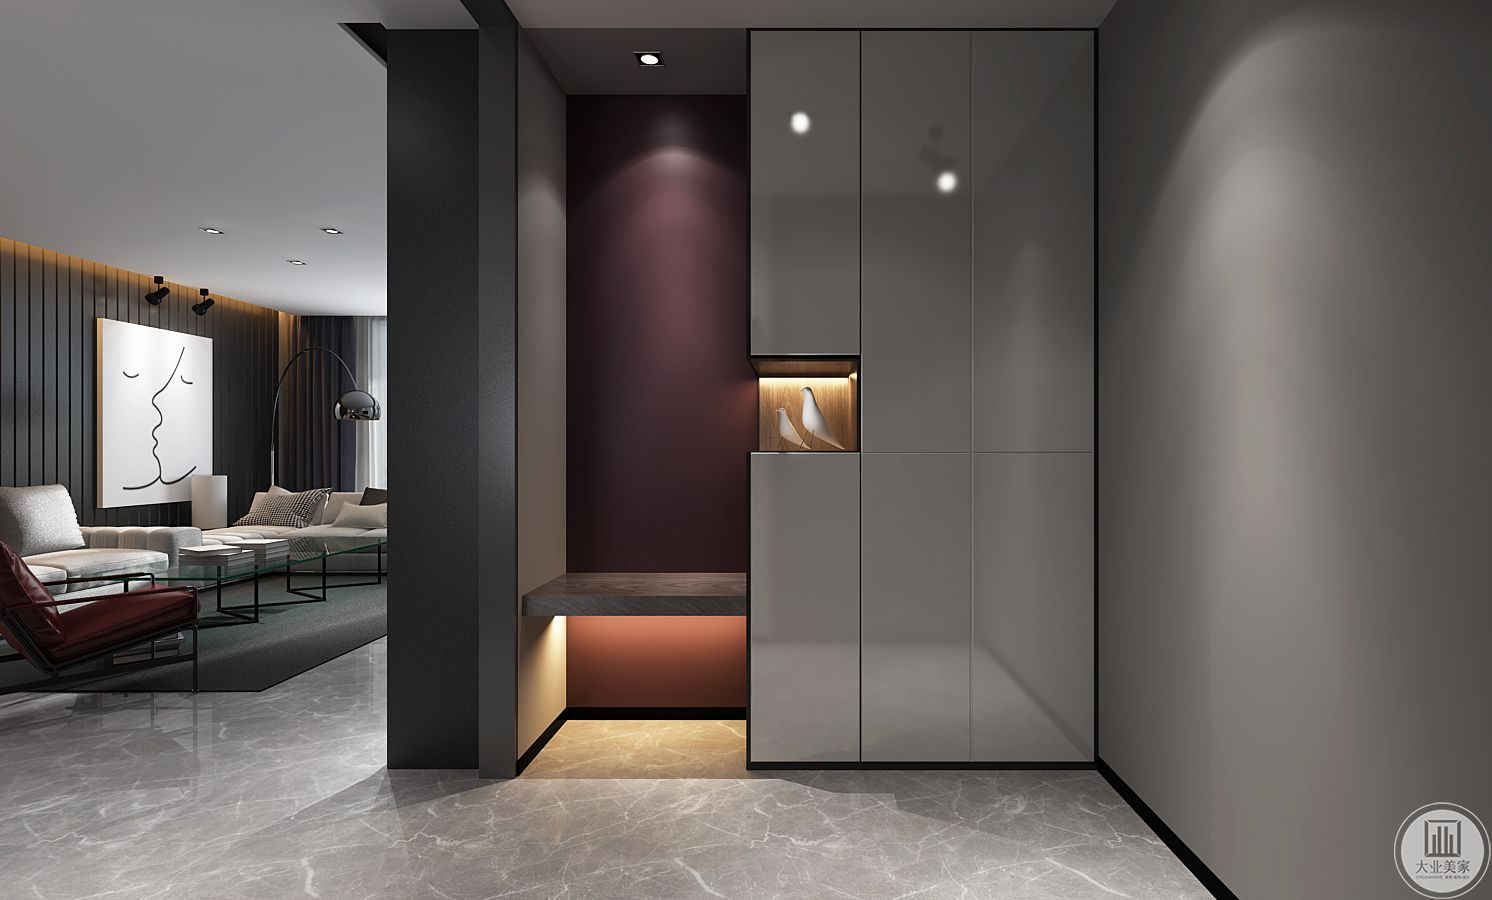 玄关入门用玄关柜的造型,做个空间的划分交代,让视觉在入门那刻,目光停留在,一个只为接自己而设立的生活仪式的过渡空间。